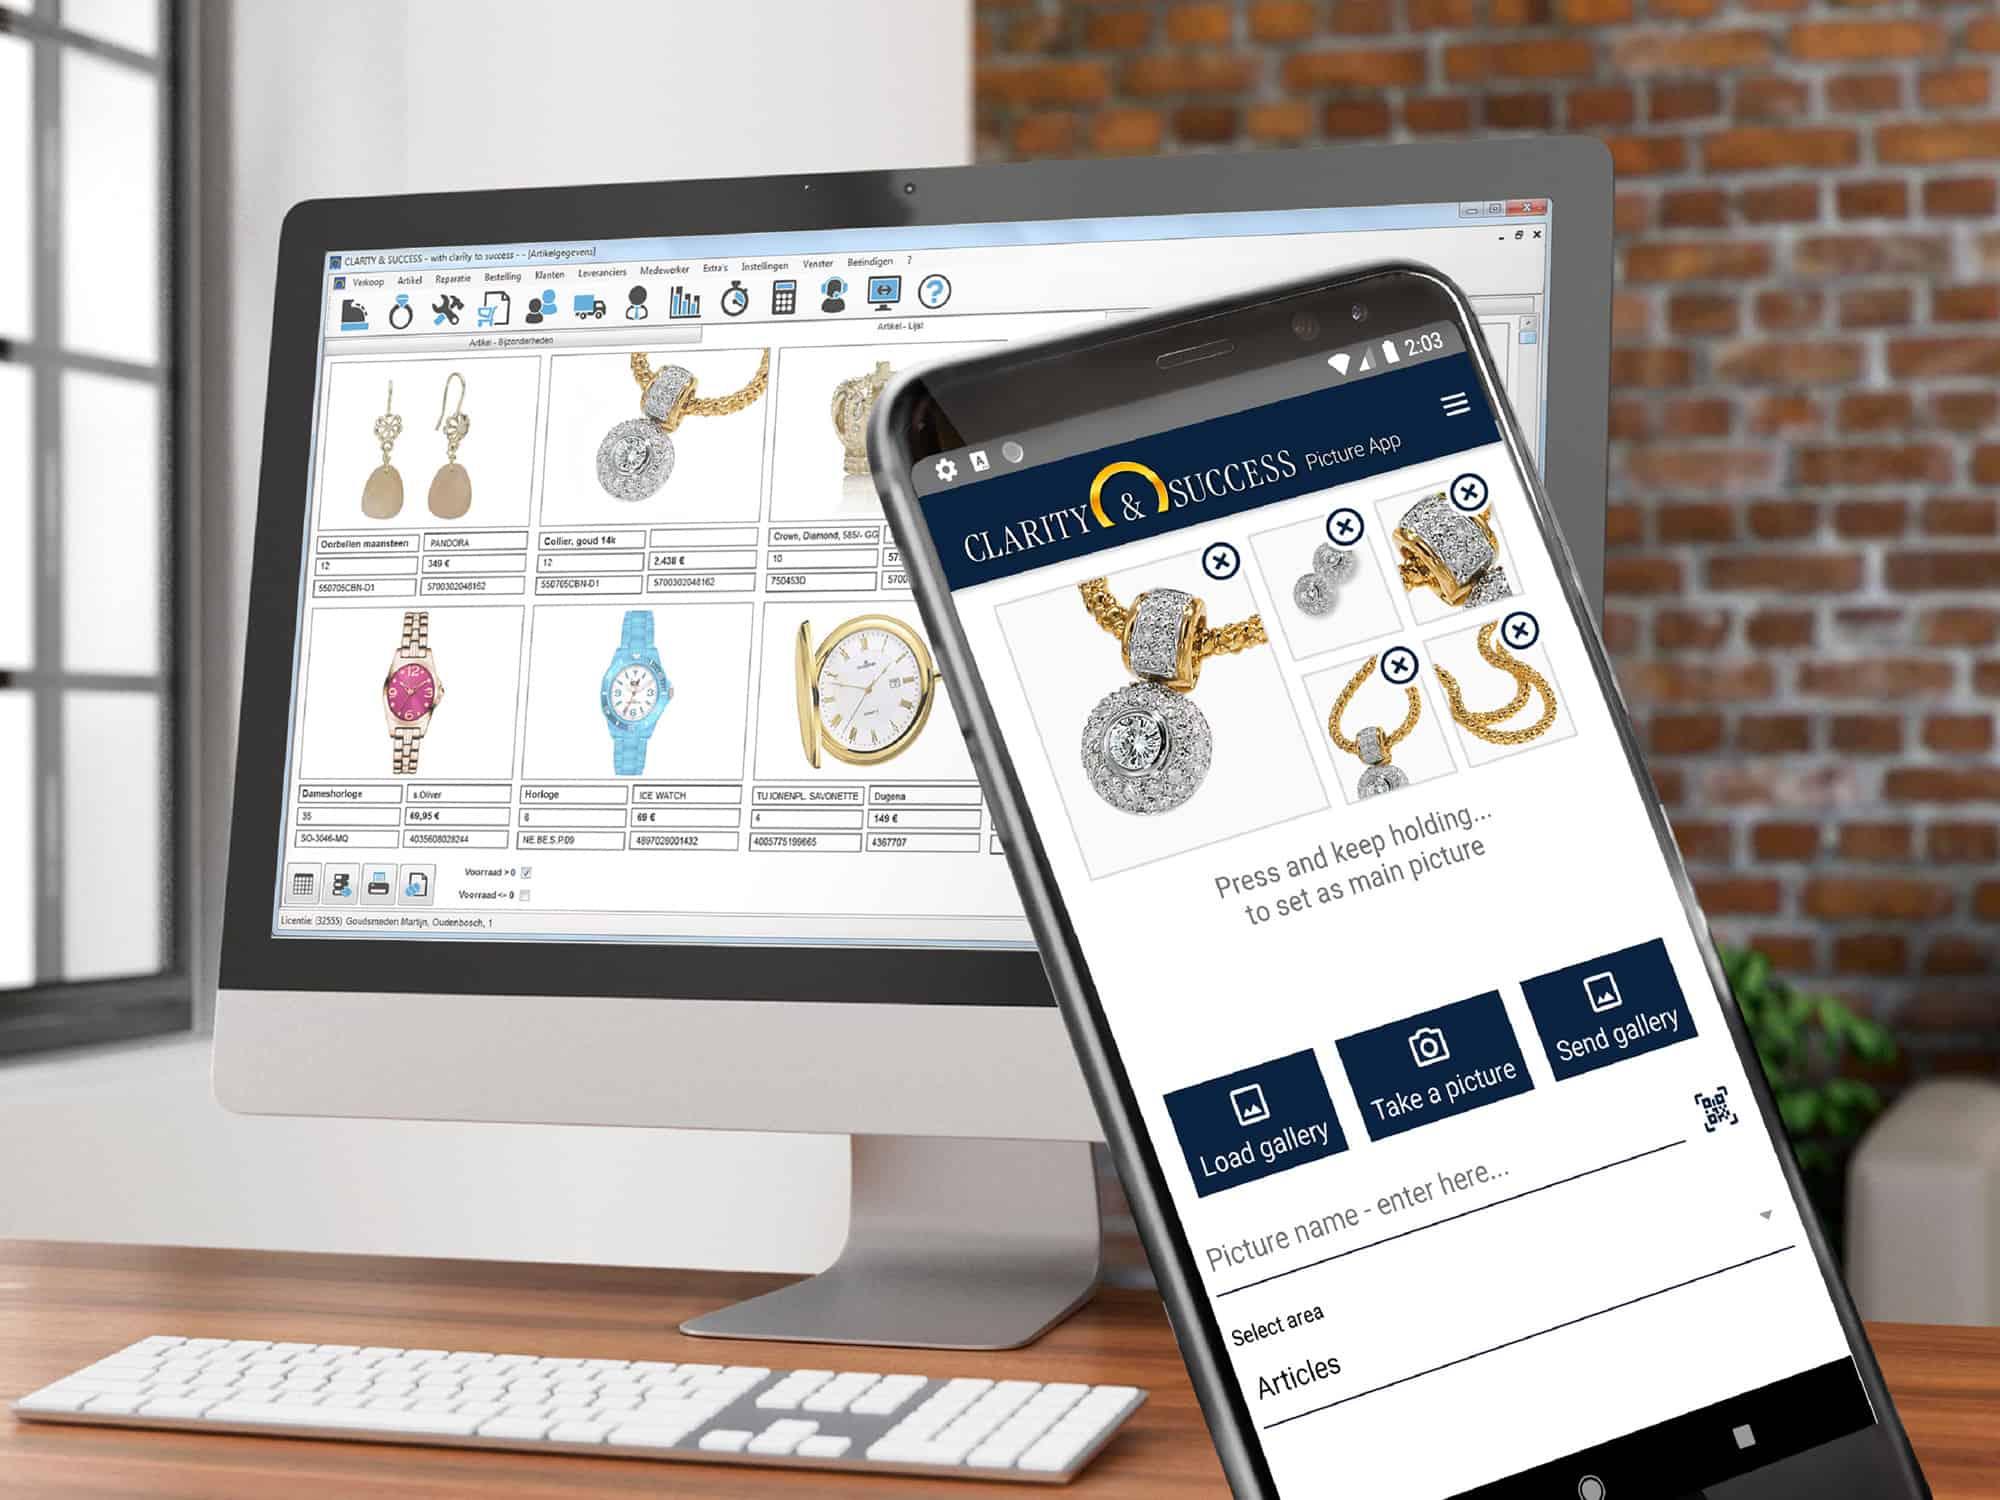 CLARITY & SUCCESS picture app